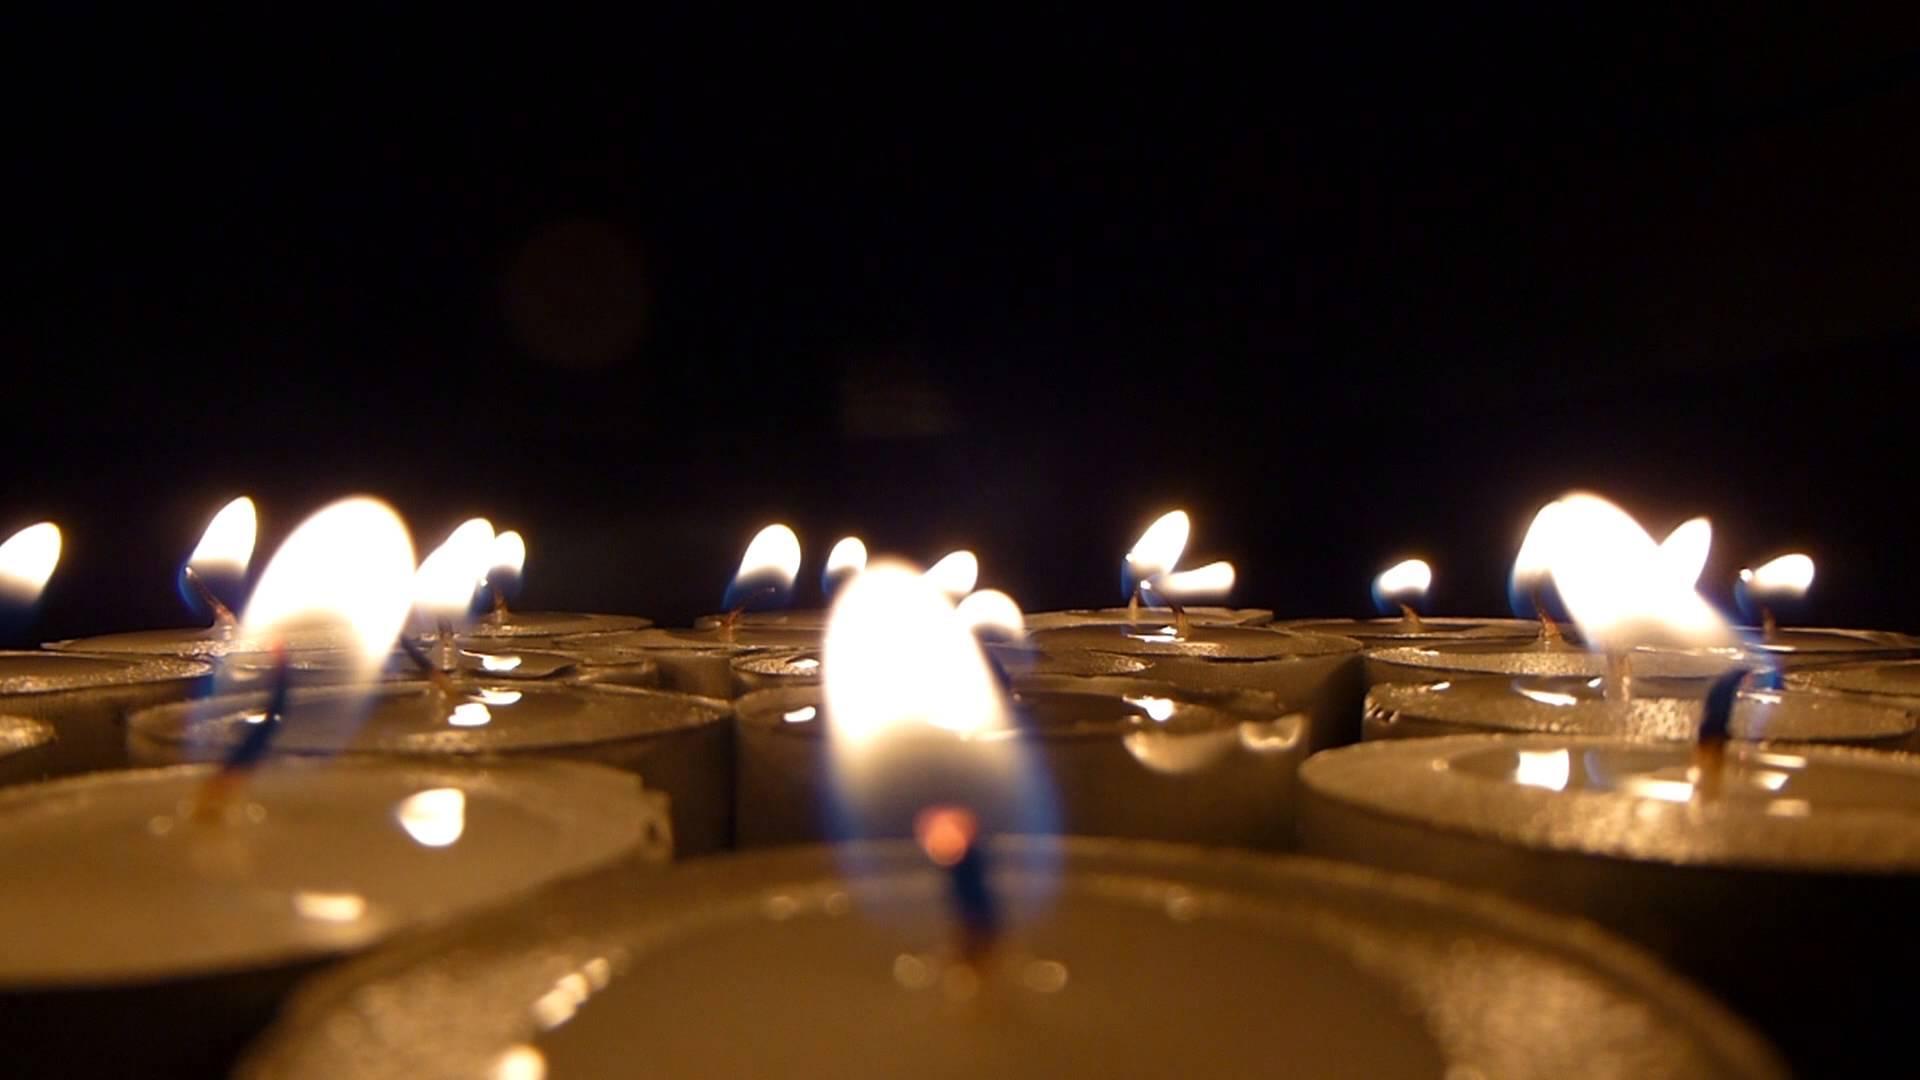 Calentar una habitaci n con macetas y velas soy medio - Calentar una habitacion ...